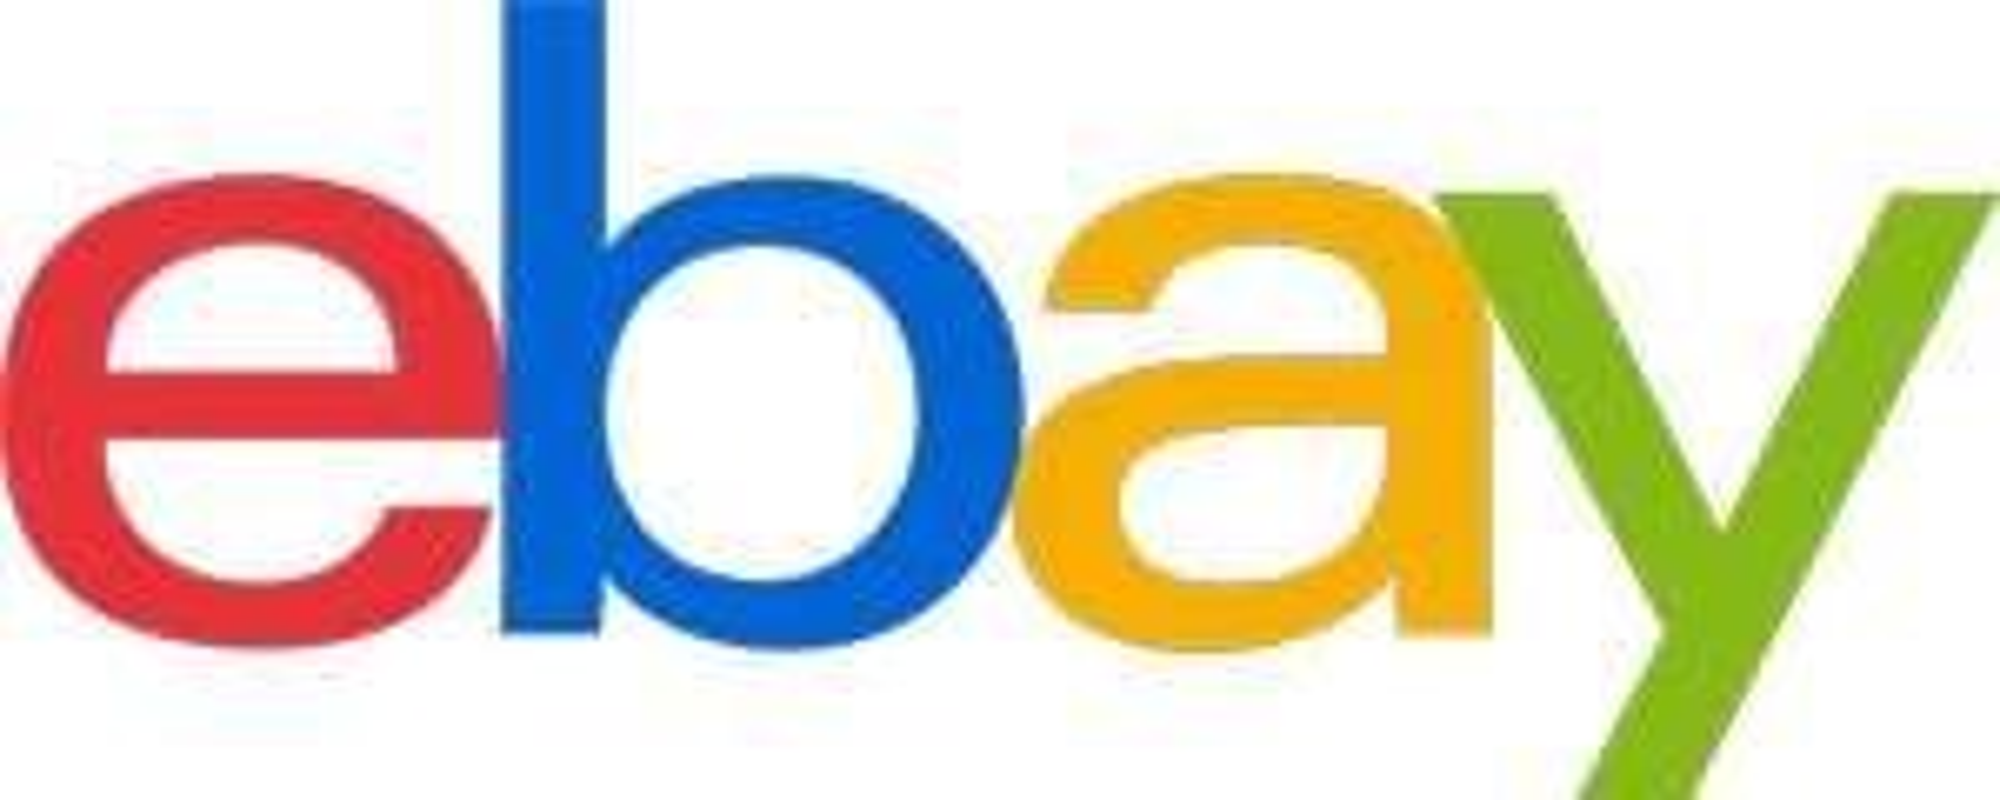 [eBay] 10% Gutschein für Haushaltsgeräte (ausgewählter Verkäufer)